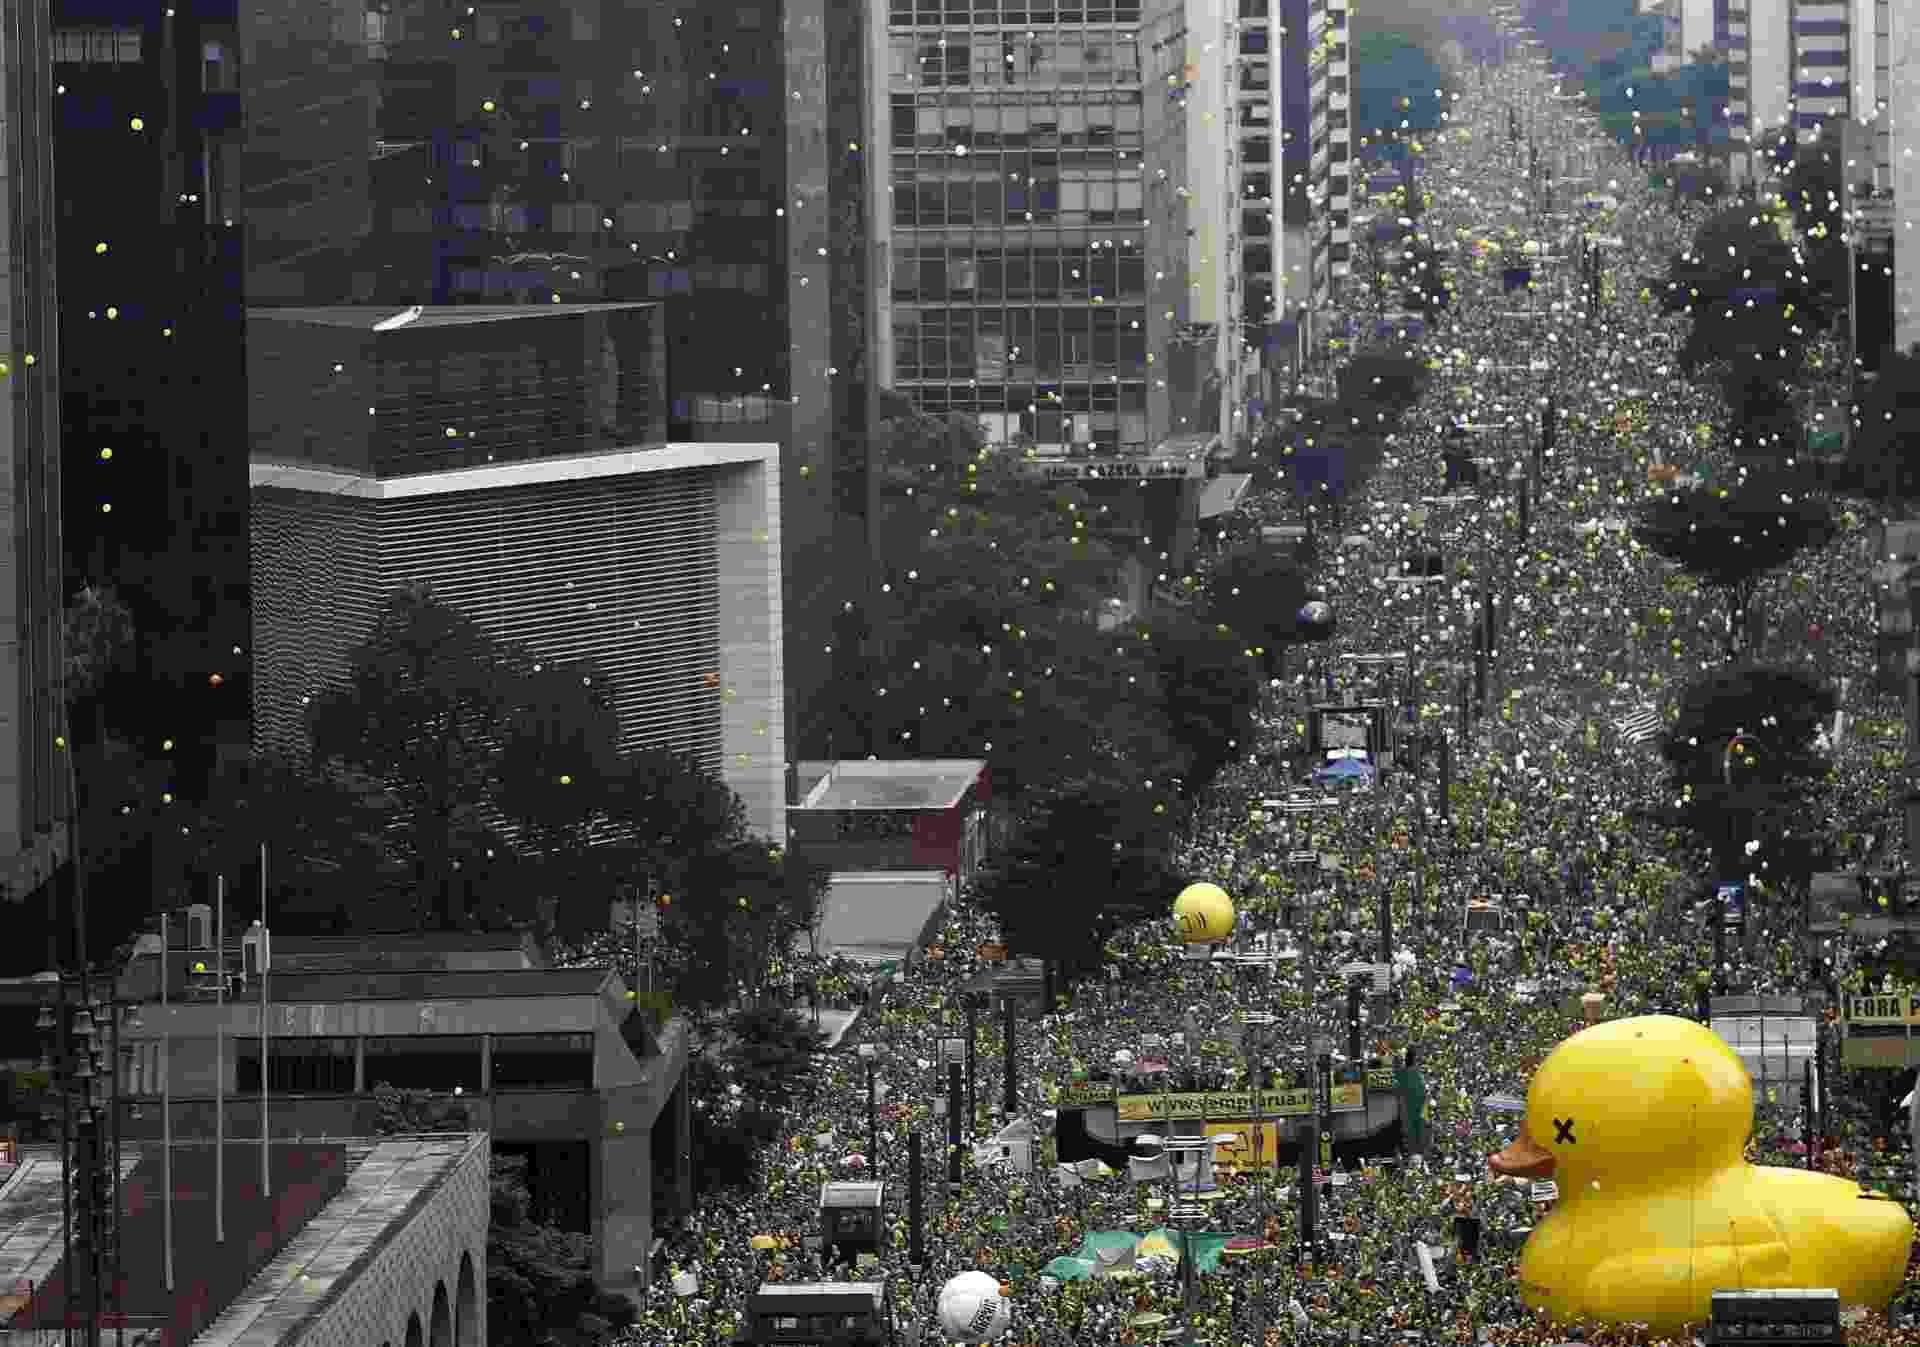 13.mar.2016 - Manifestantes soltam bexigas durante ato contra o governo Dilma Rousseff na avenida Paulista, região central de São Paulo. Protestos contra Dilma acontecem em vários Estados e pedem o impeachment da presidente e a prisão do ex-presidente Luiz Inácio Lula da Silva, investigado pela Operação Lava Jato - Miguel Schincariol/AFP